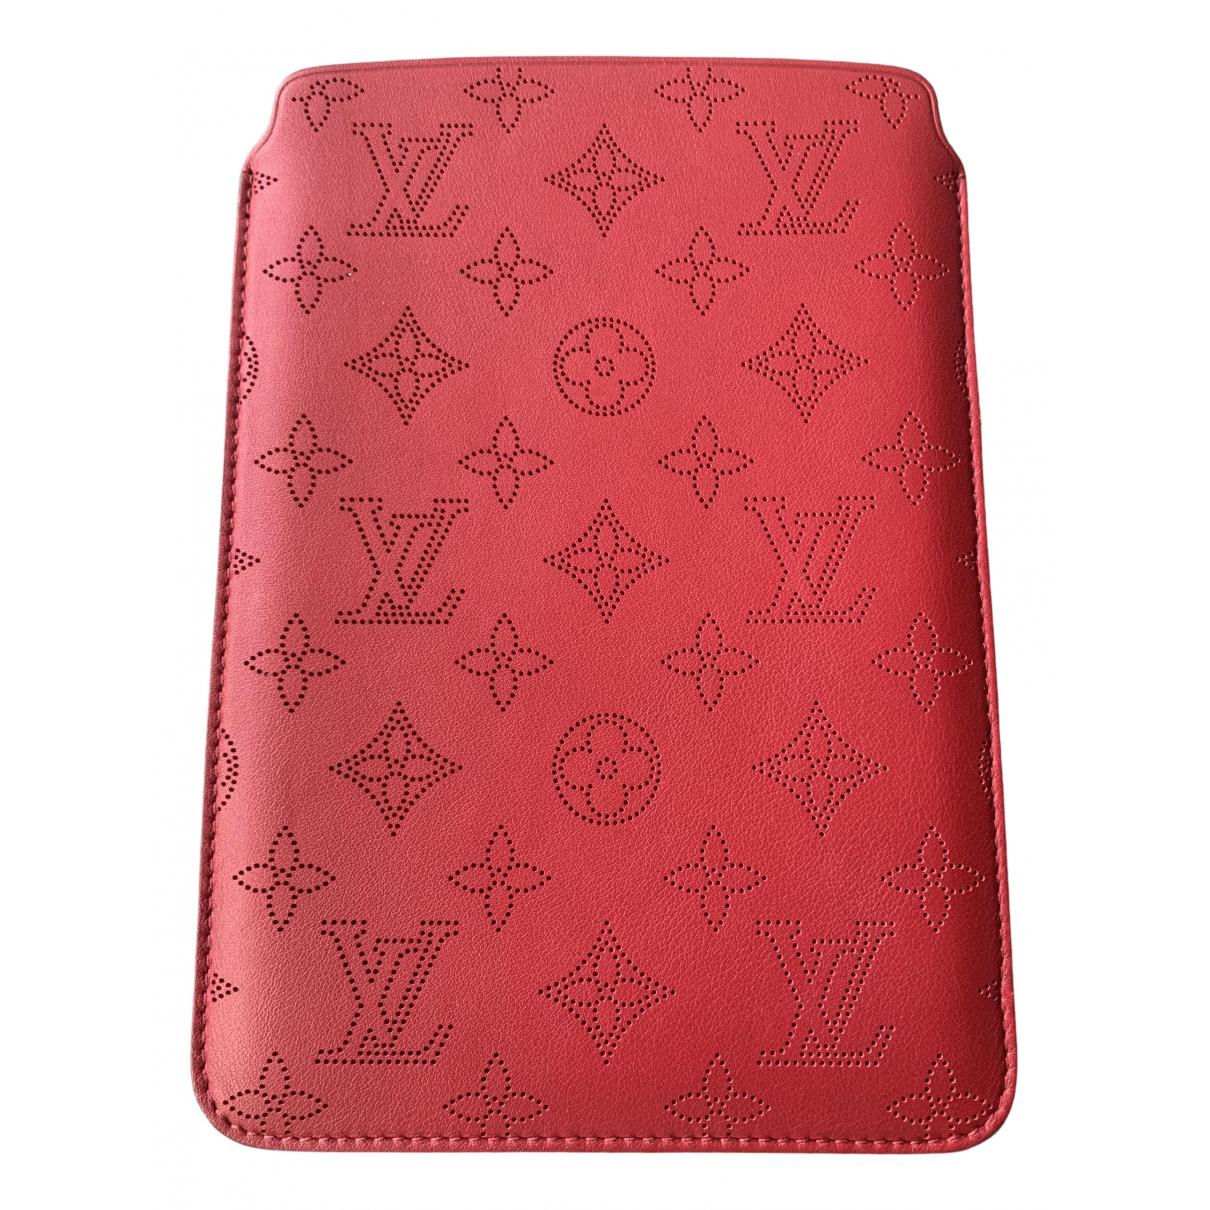 Funda ipad de Cuero Louis Vuitton